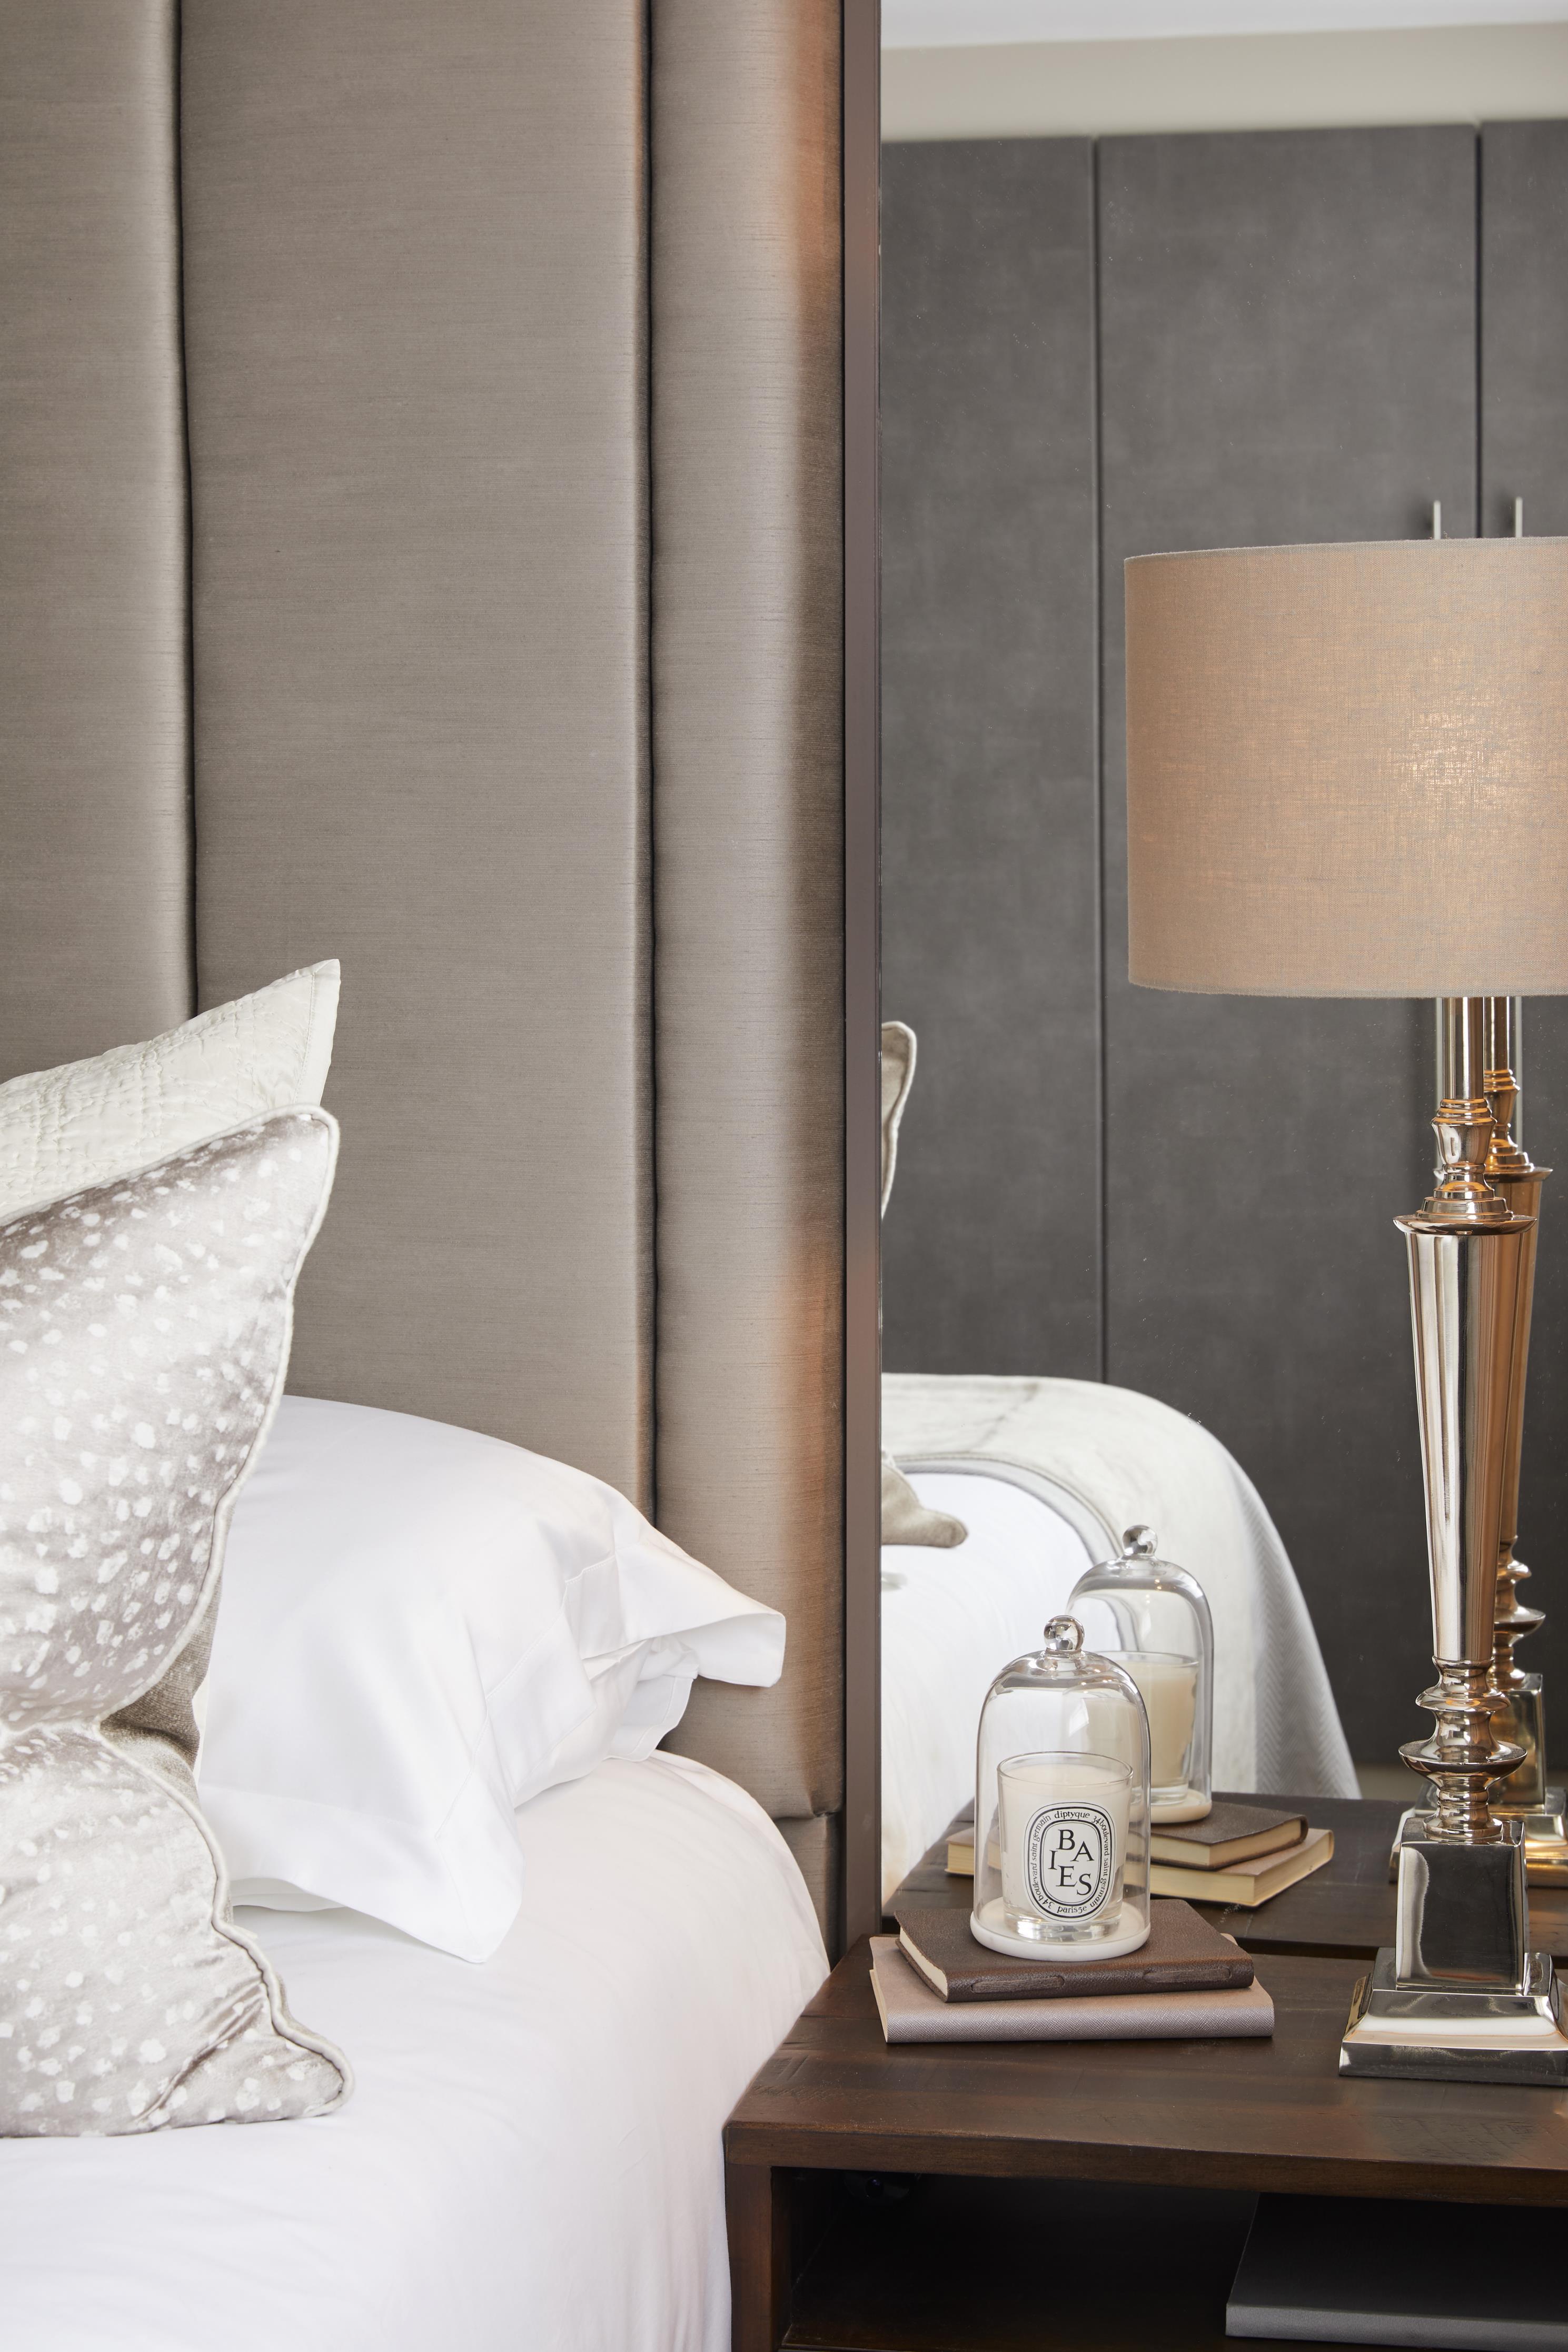 Luxury Hotel Bedrooms: Luxury Hotel Bedlinen